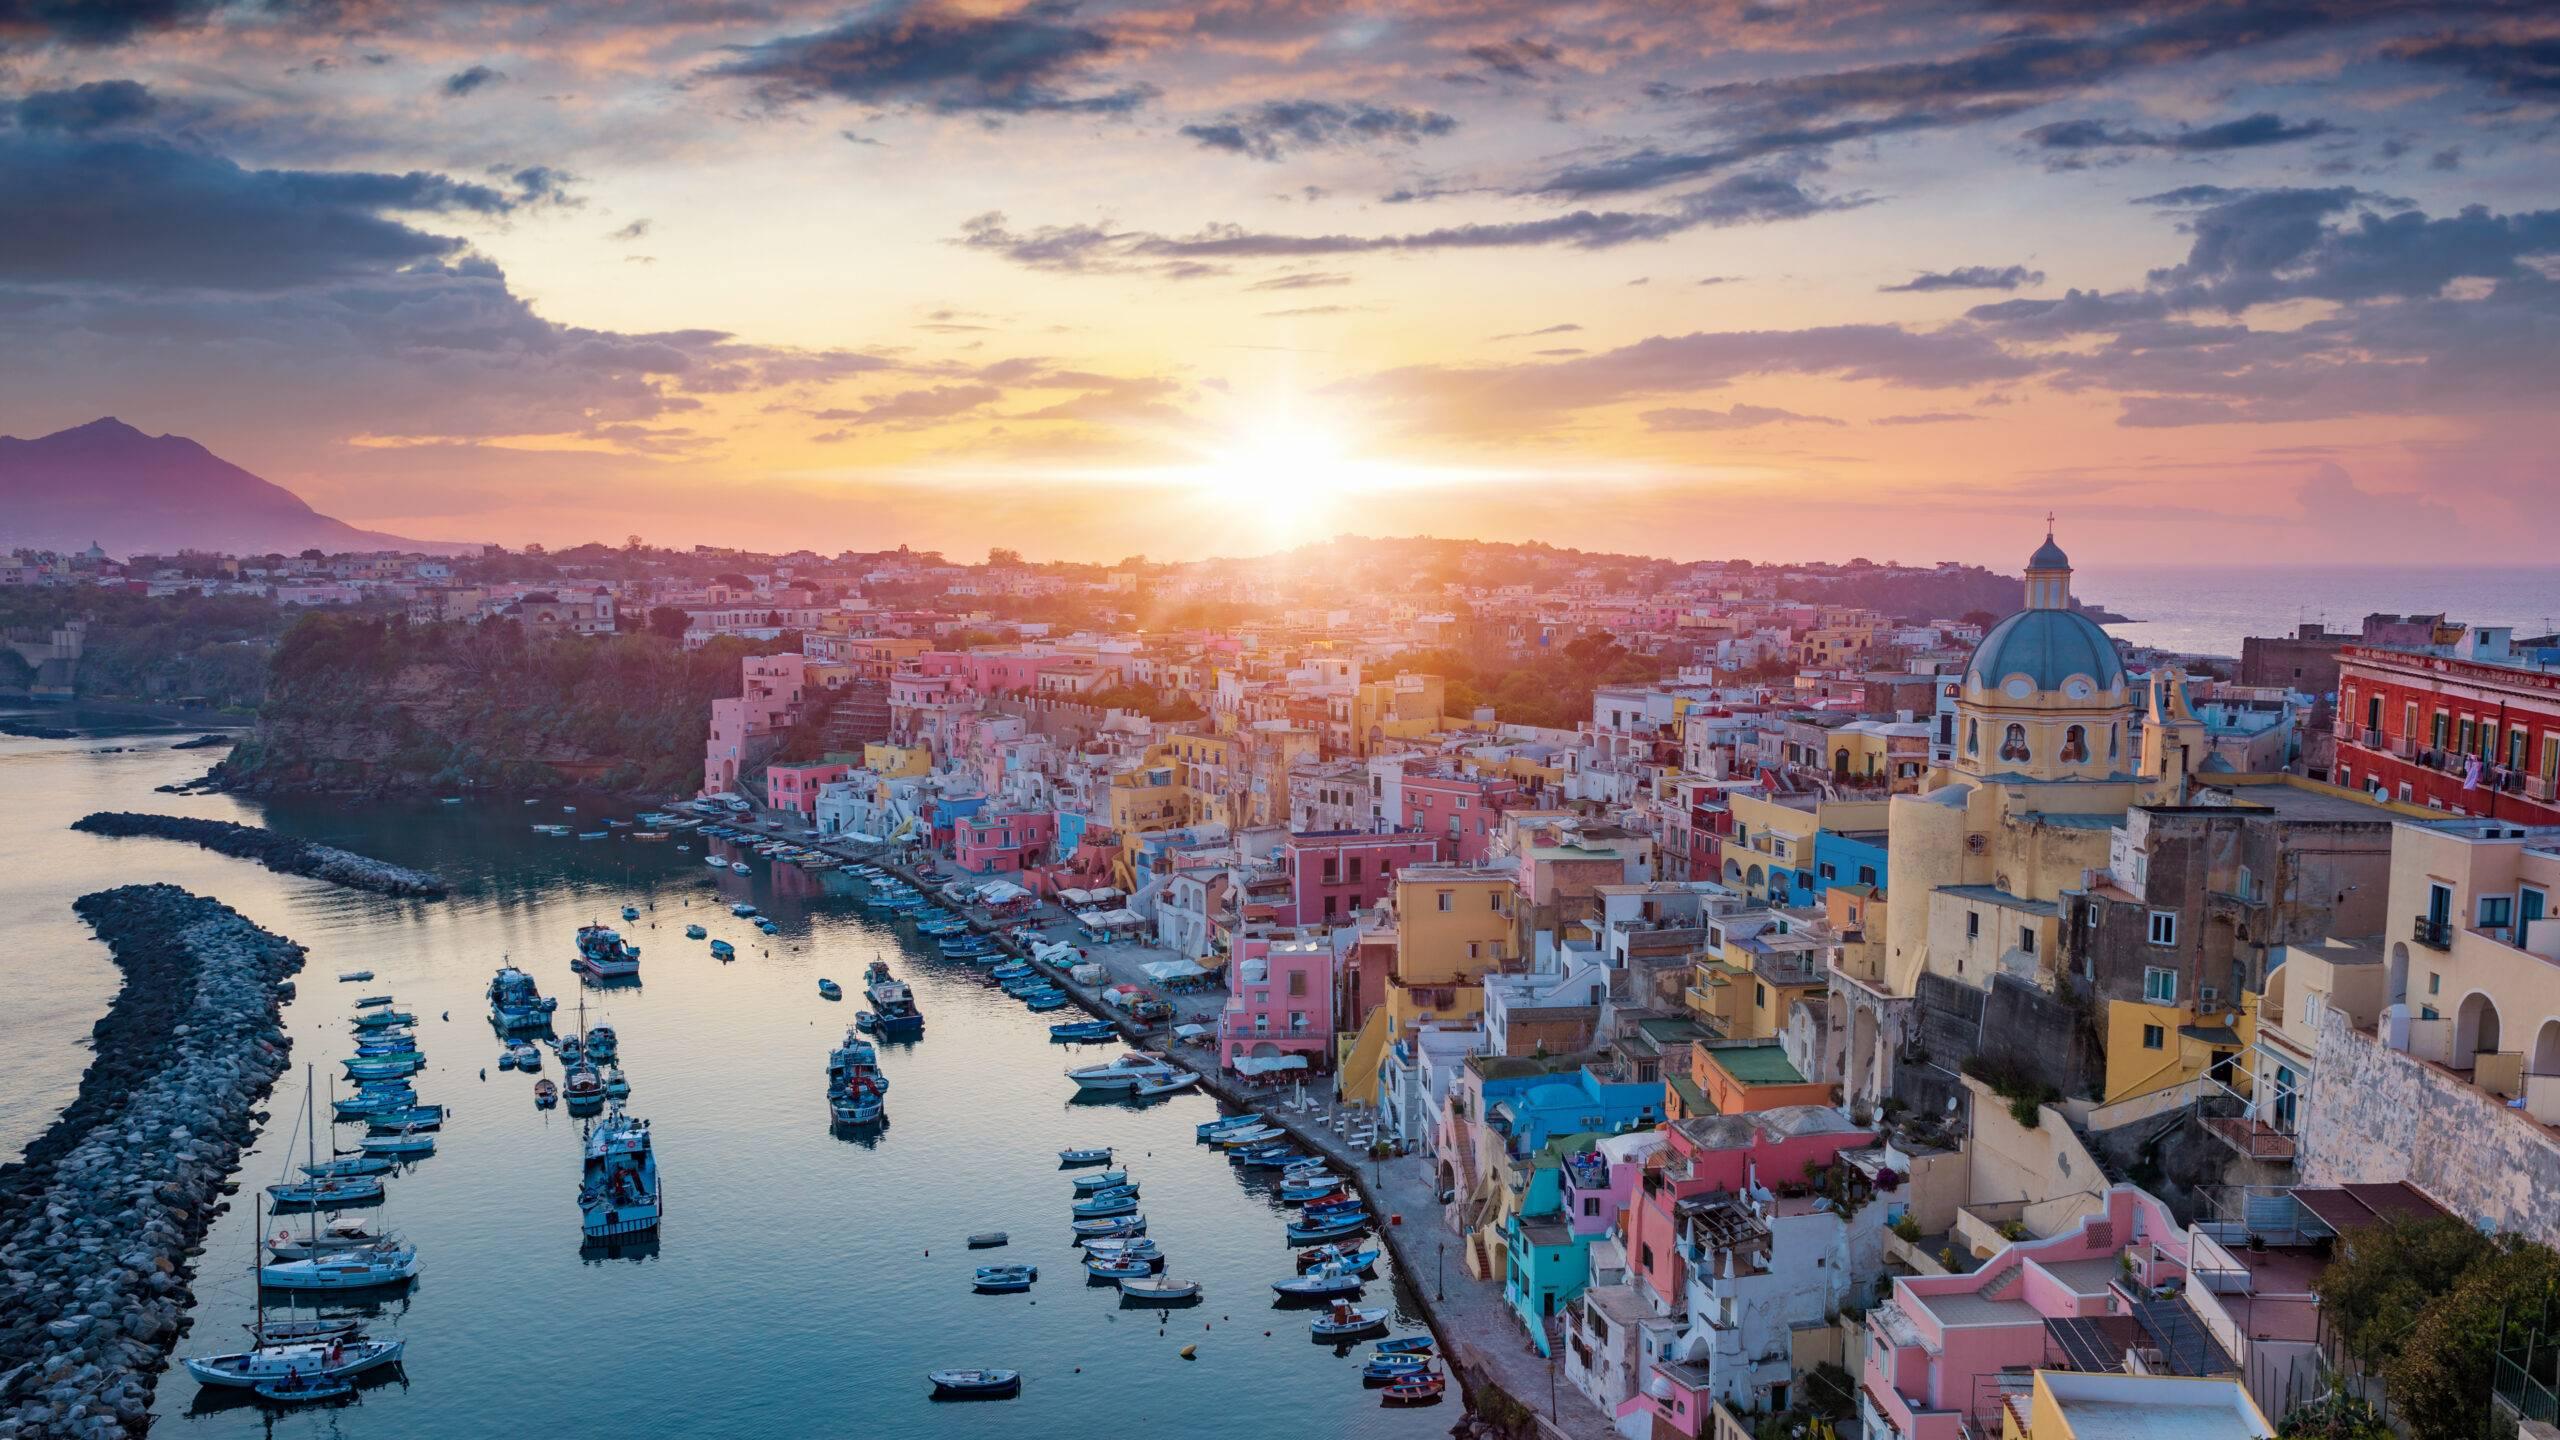 Marina Corricella al tramonto